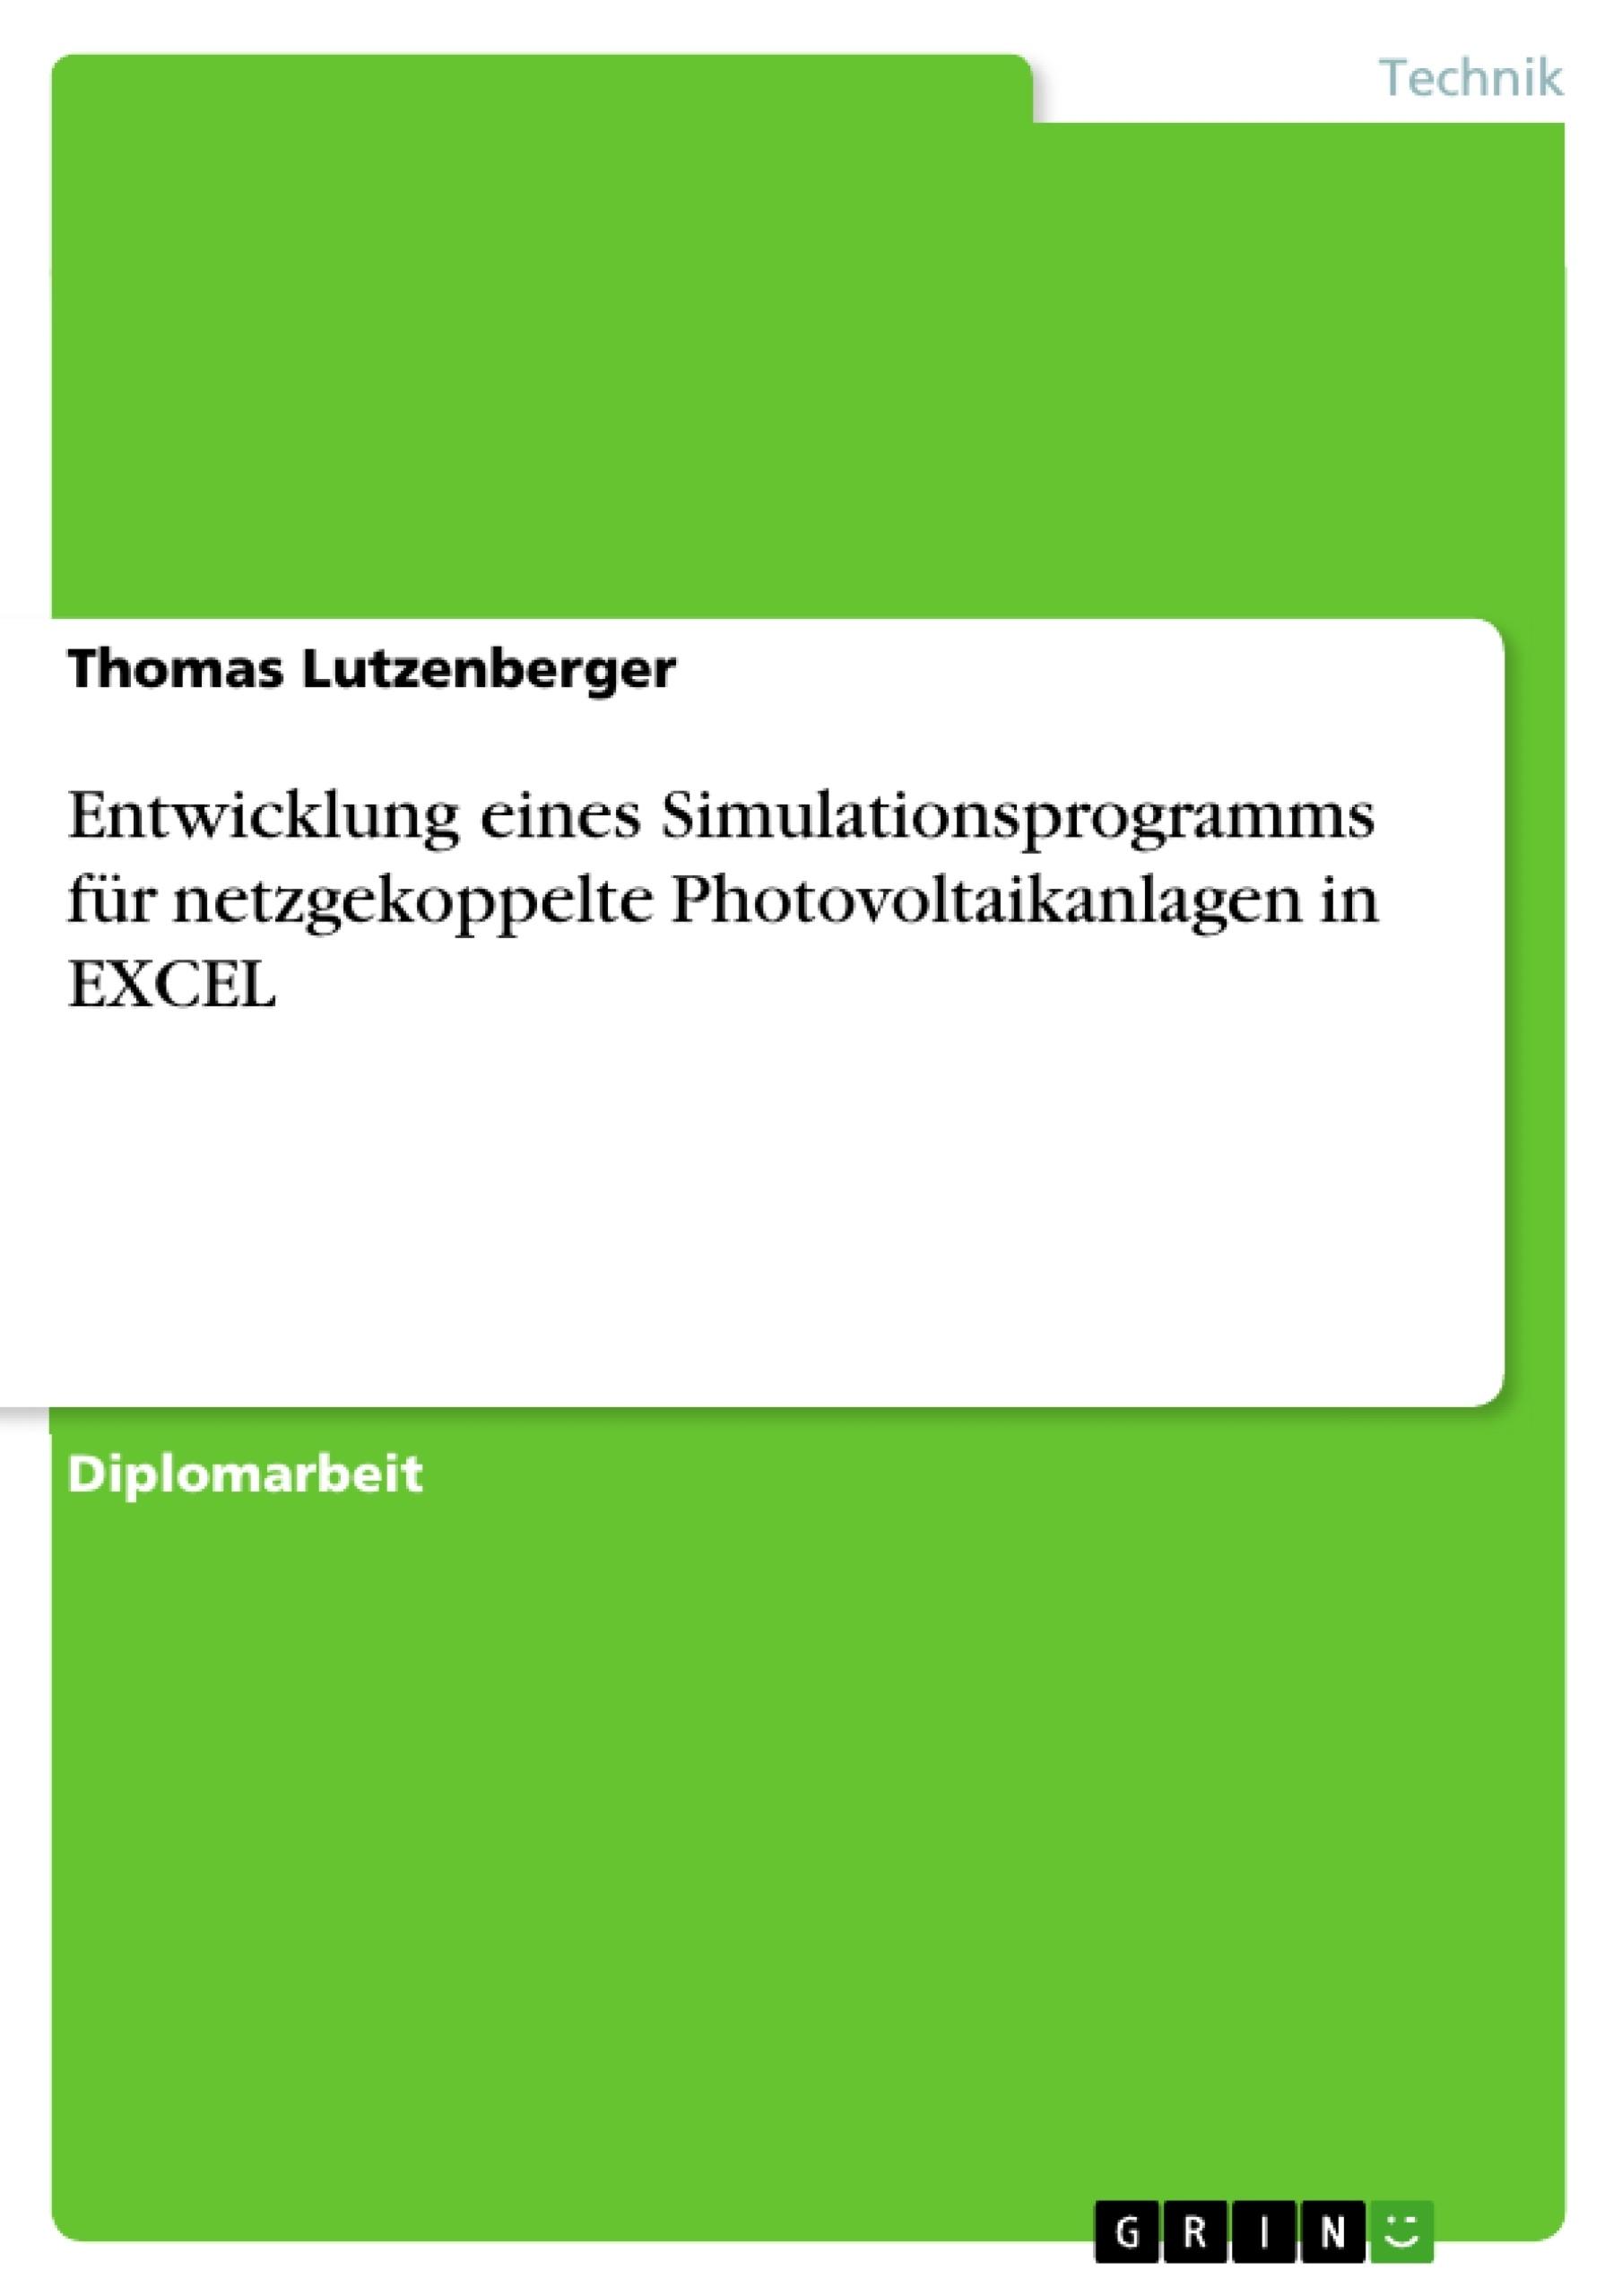 Titel: Entwicklung eines Simulationsprogramms für netzgekoppelte Photovoltaikanlagen in EXCEL